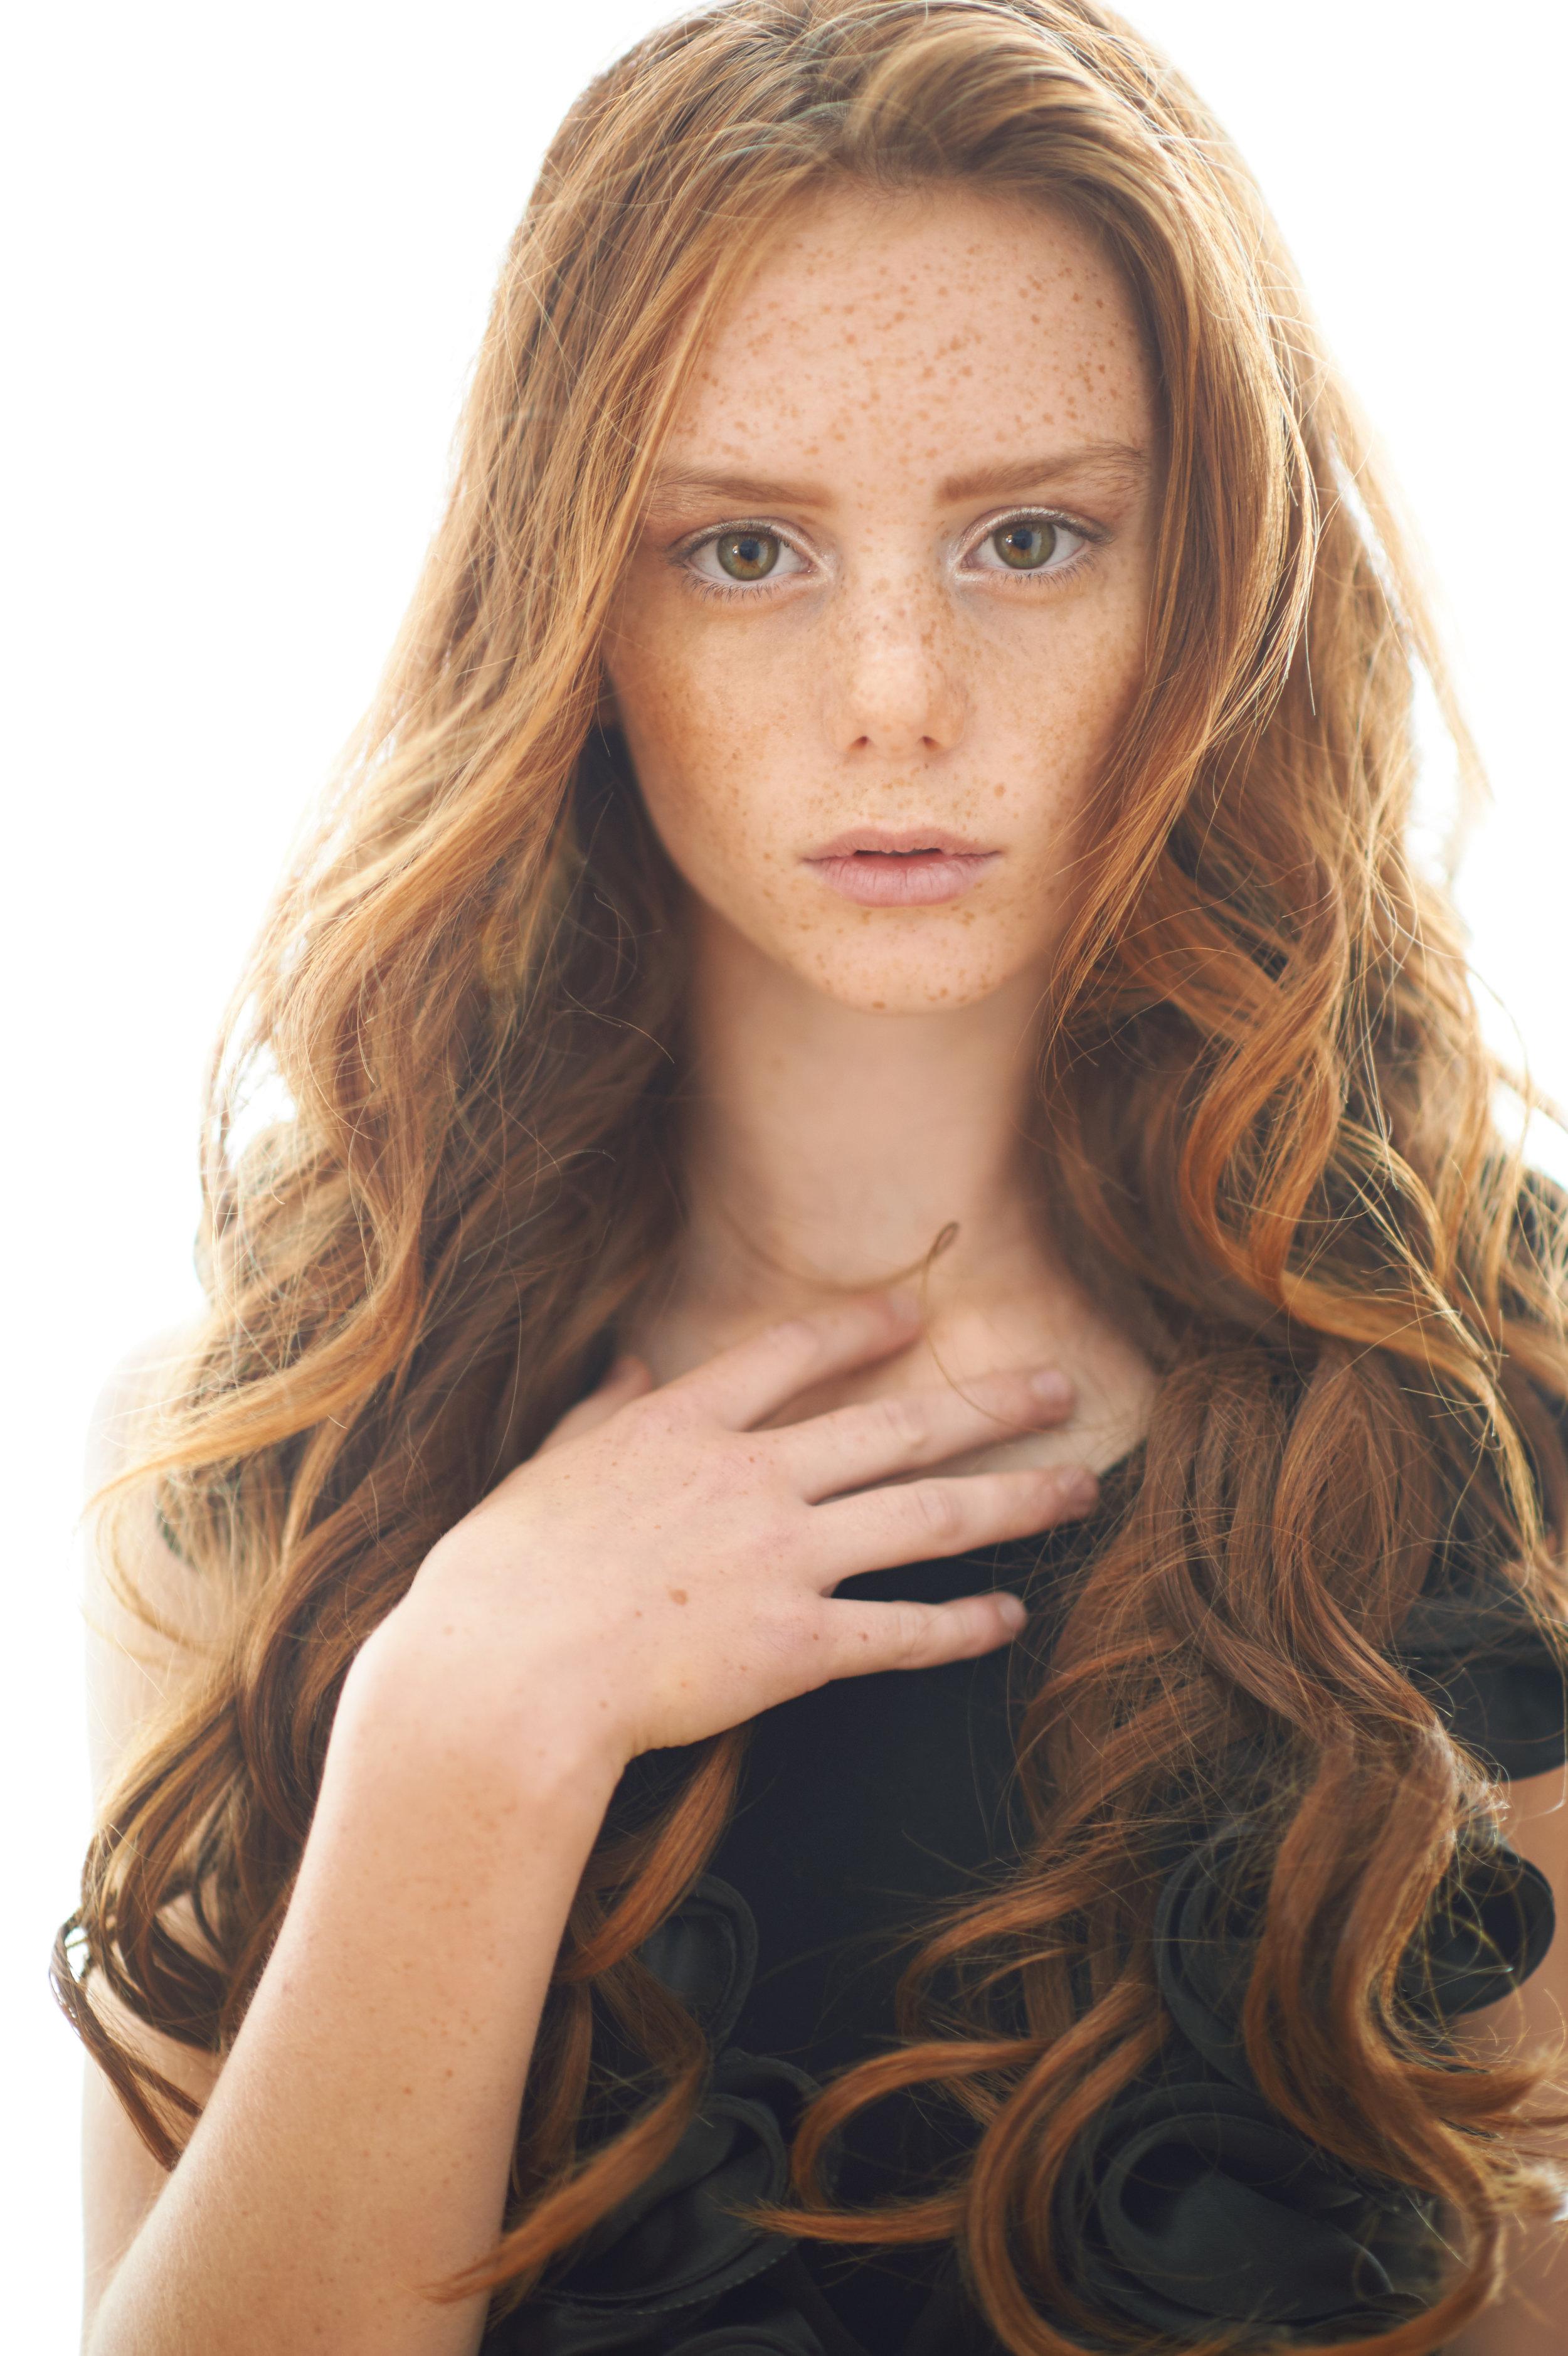 Marta-hewson-Emeryss-Teen-Portrait-Fashion-shoot-redhead with freckles.jpg